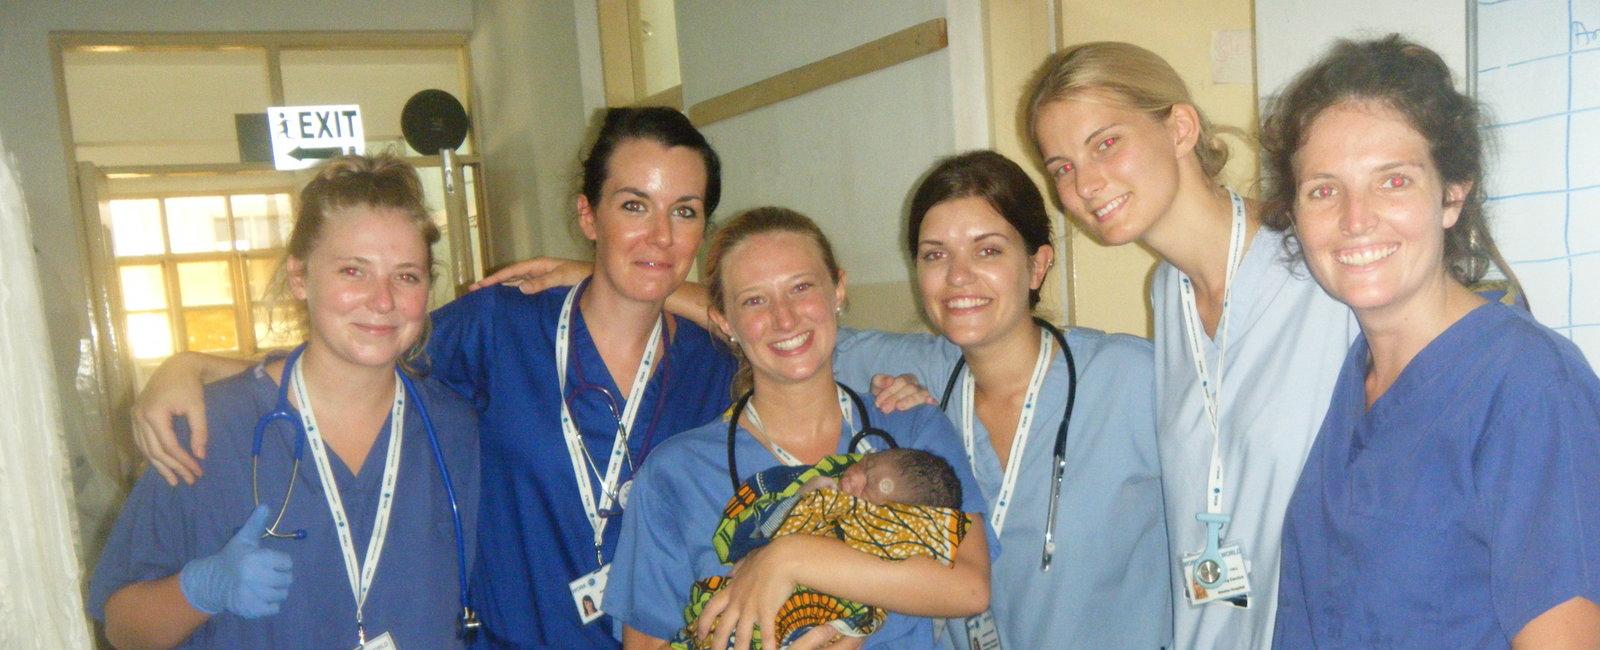 Marije Vos - Midwifery Electives in Dar es Salaam, Tanzania